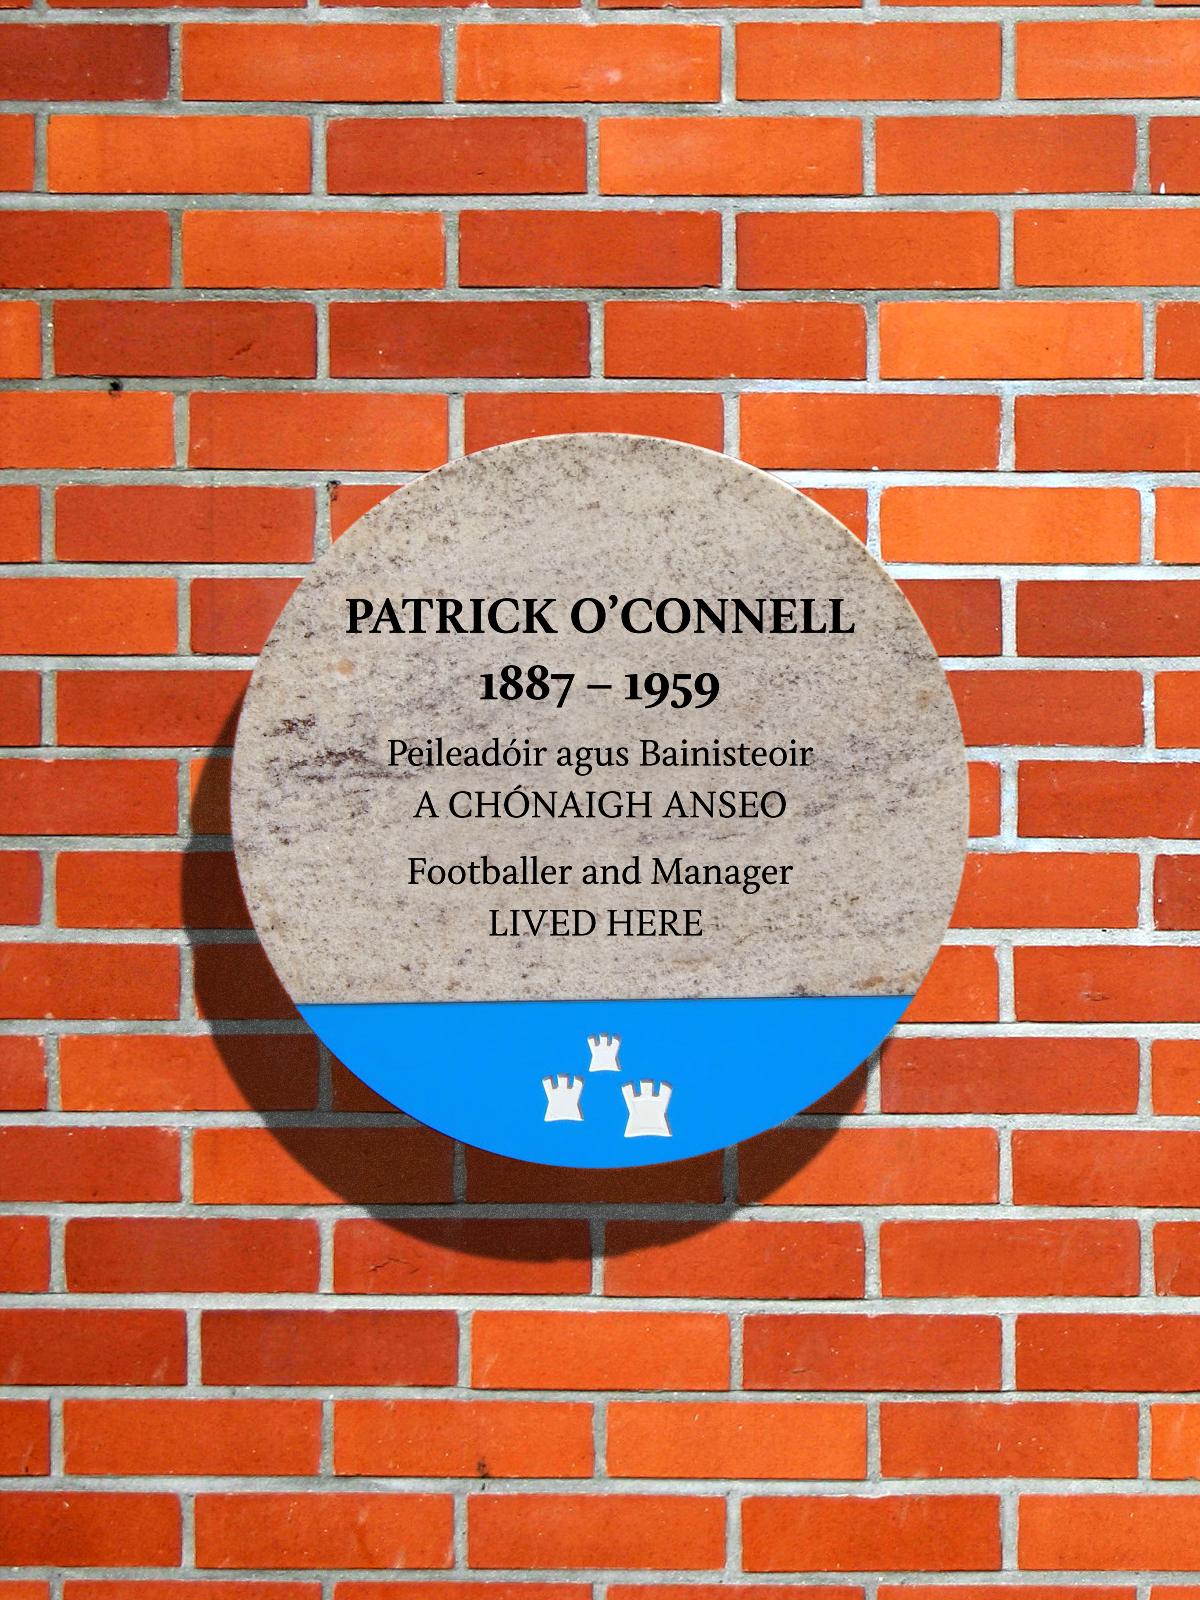 Cover image: DCC Commemorative Plaque Scheme